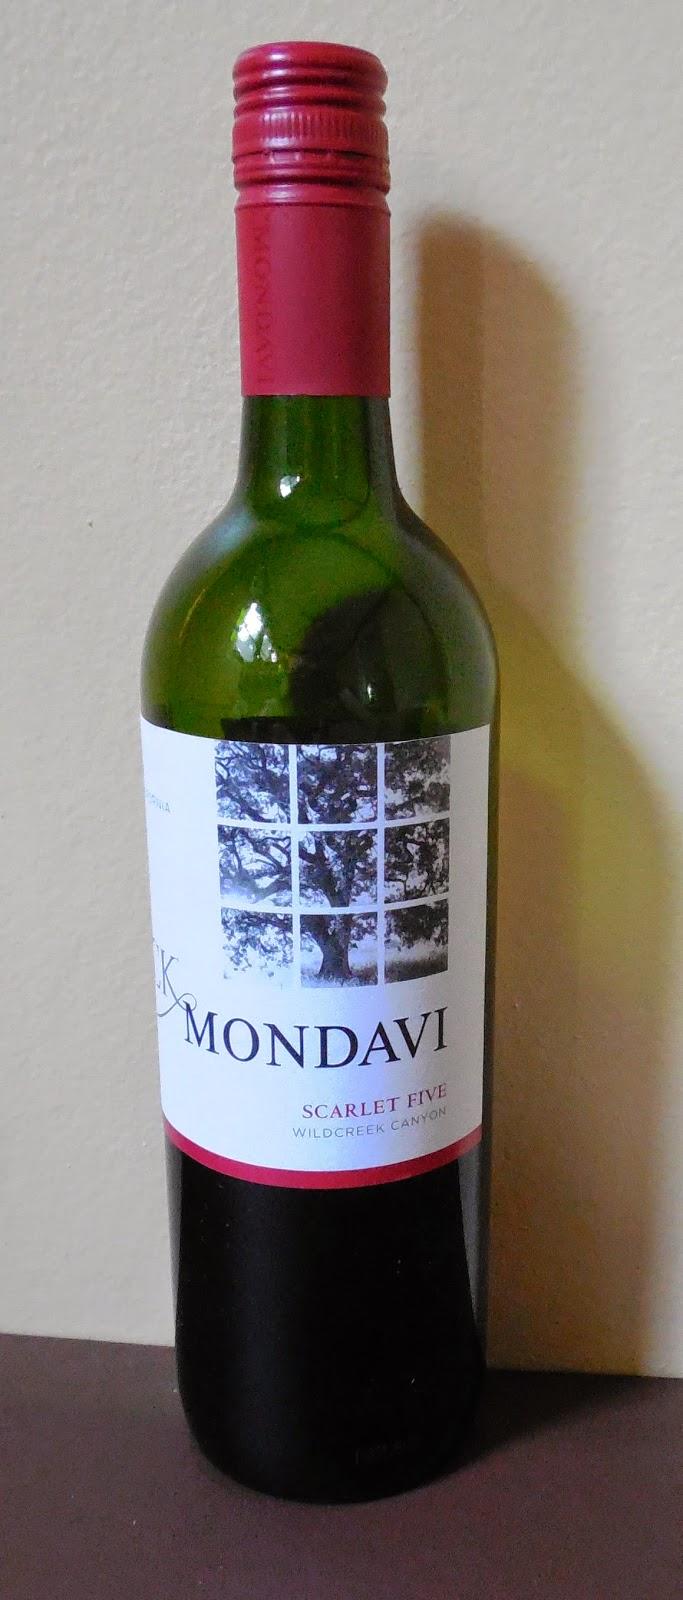 CK Monvavi Wine